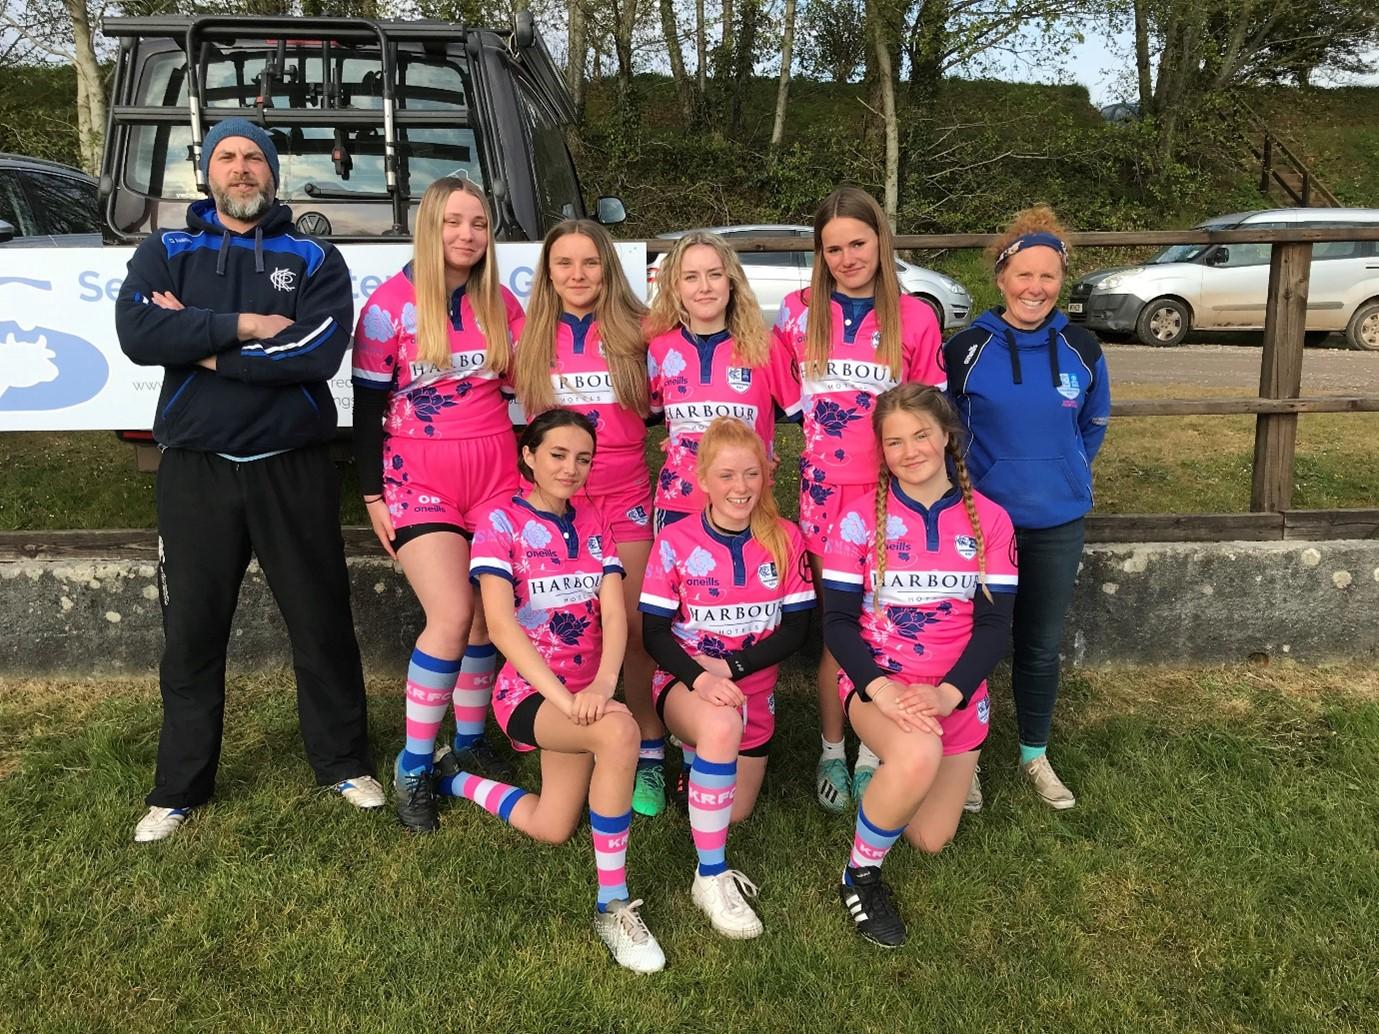 Left: Ben Sherring, Coach, U15 Kingsbridge Girls Rugby Squad & Sarah Cadle, Team Manager